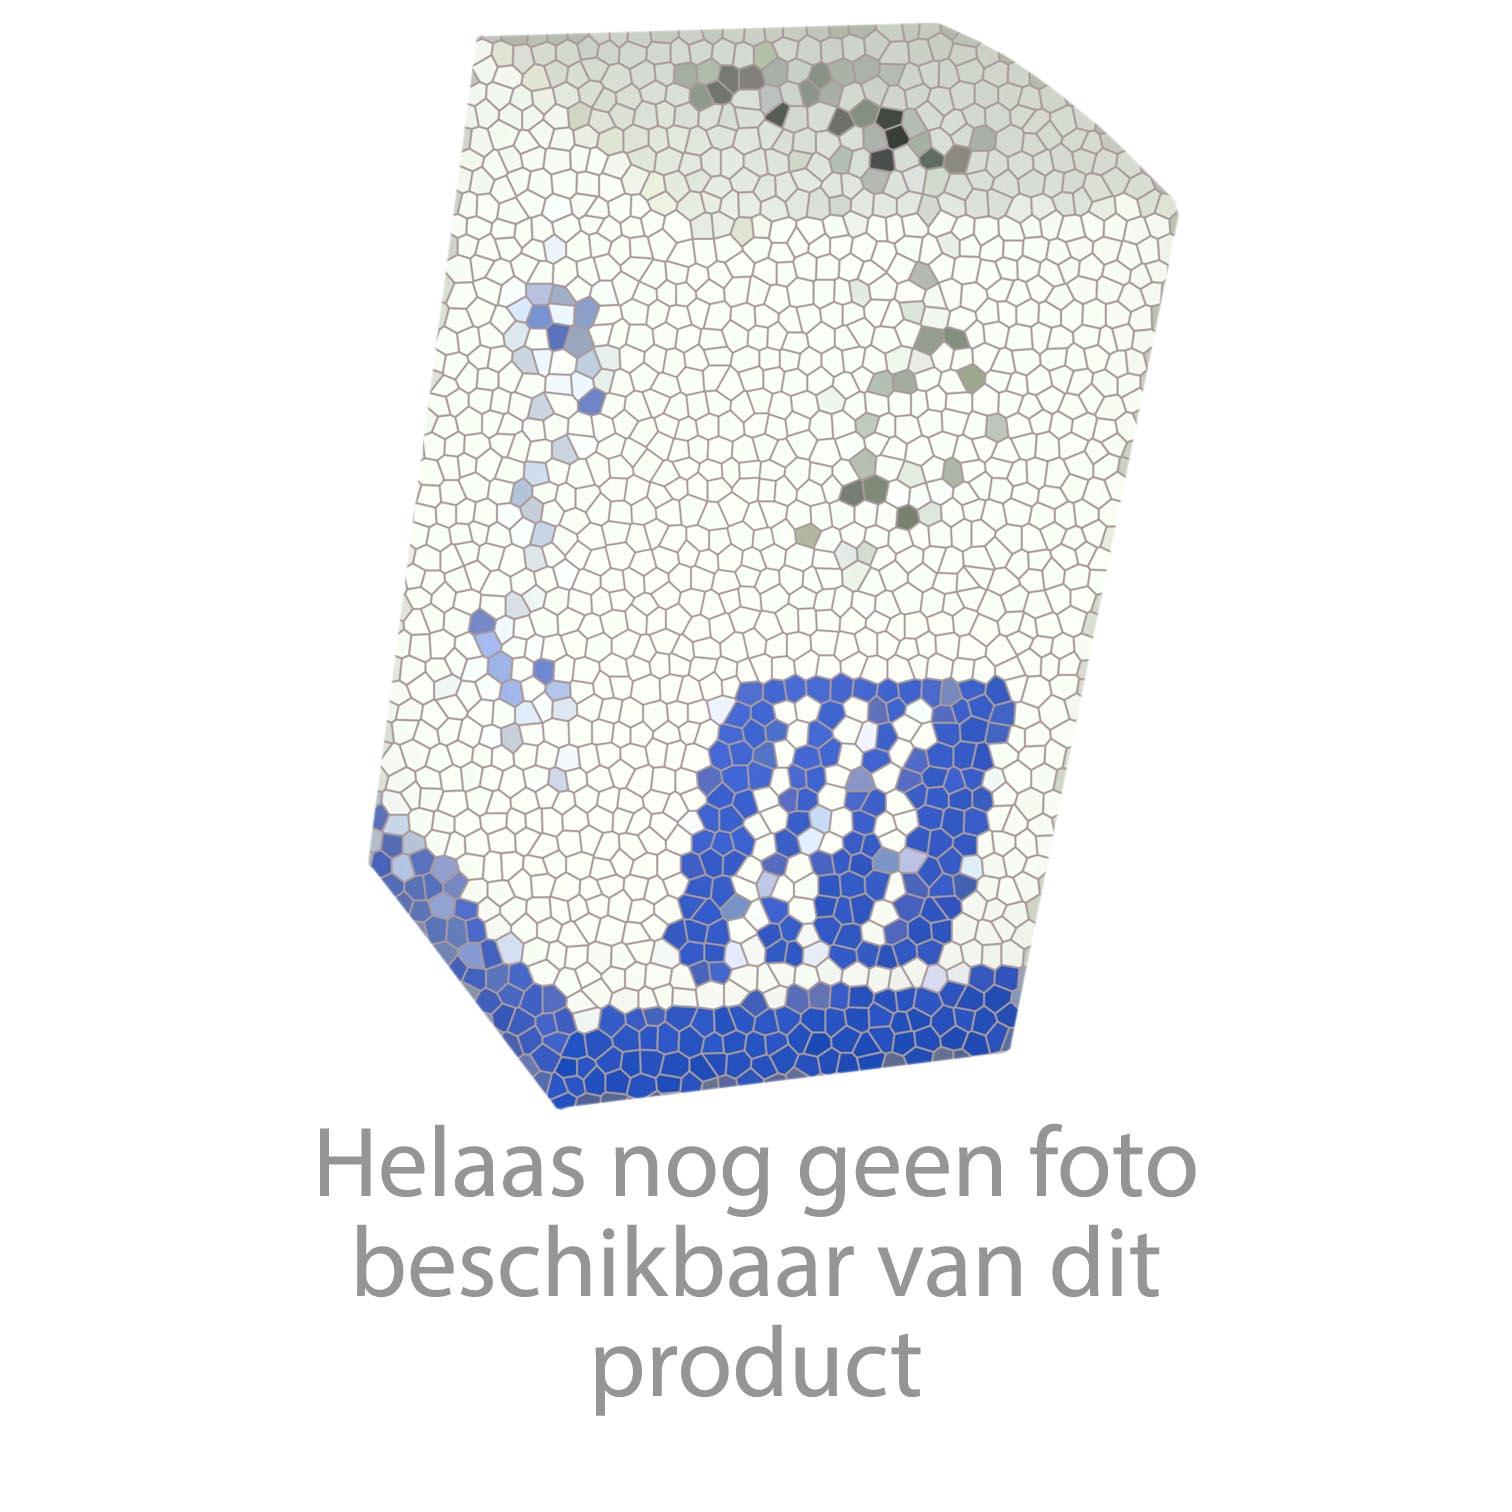 HansGrohe Keukenmengkranen Allegra Metropol / Allegra Uno productiejaar > 09/01 14855 onderdelen